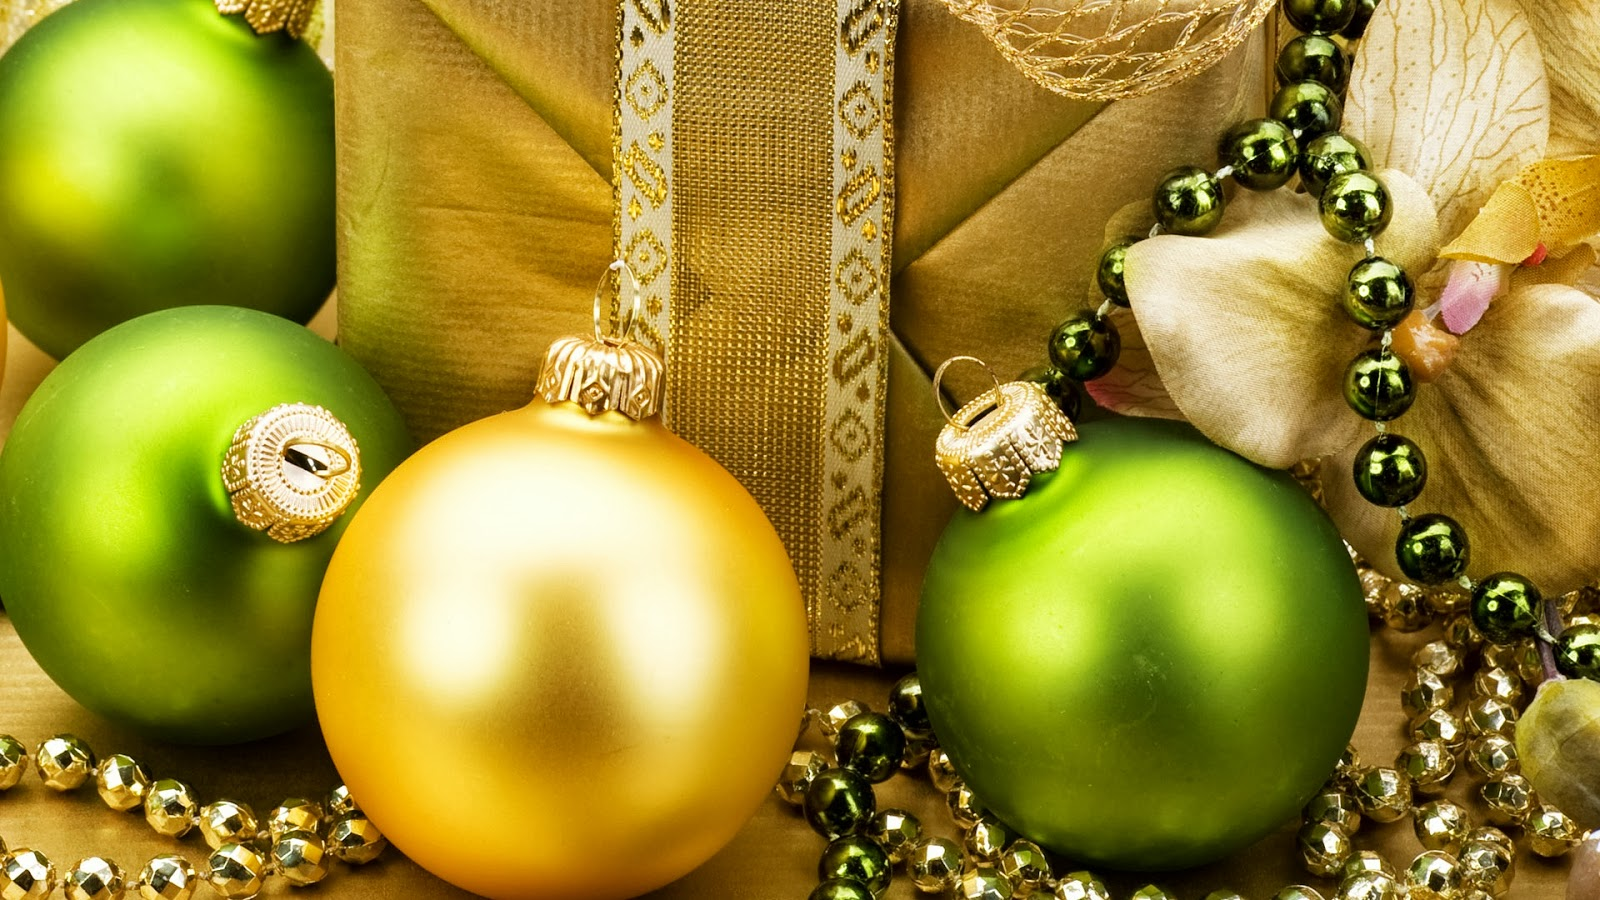 Fondos Verdes De Navidad Para Pantalla Hd 2 Hd Wallpapers: Imagenes Y Wallpapers: Fondo De Pantalla Navidad Bolas